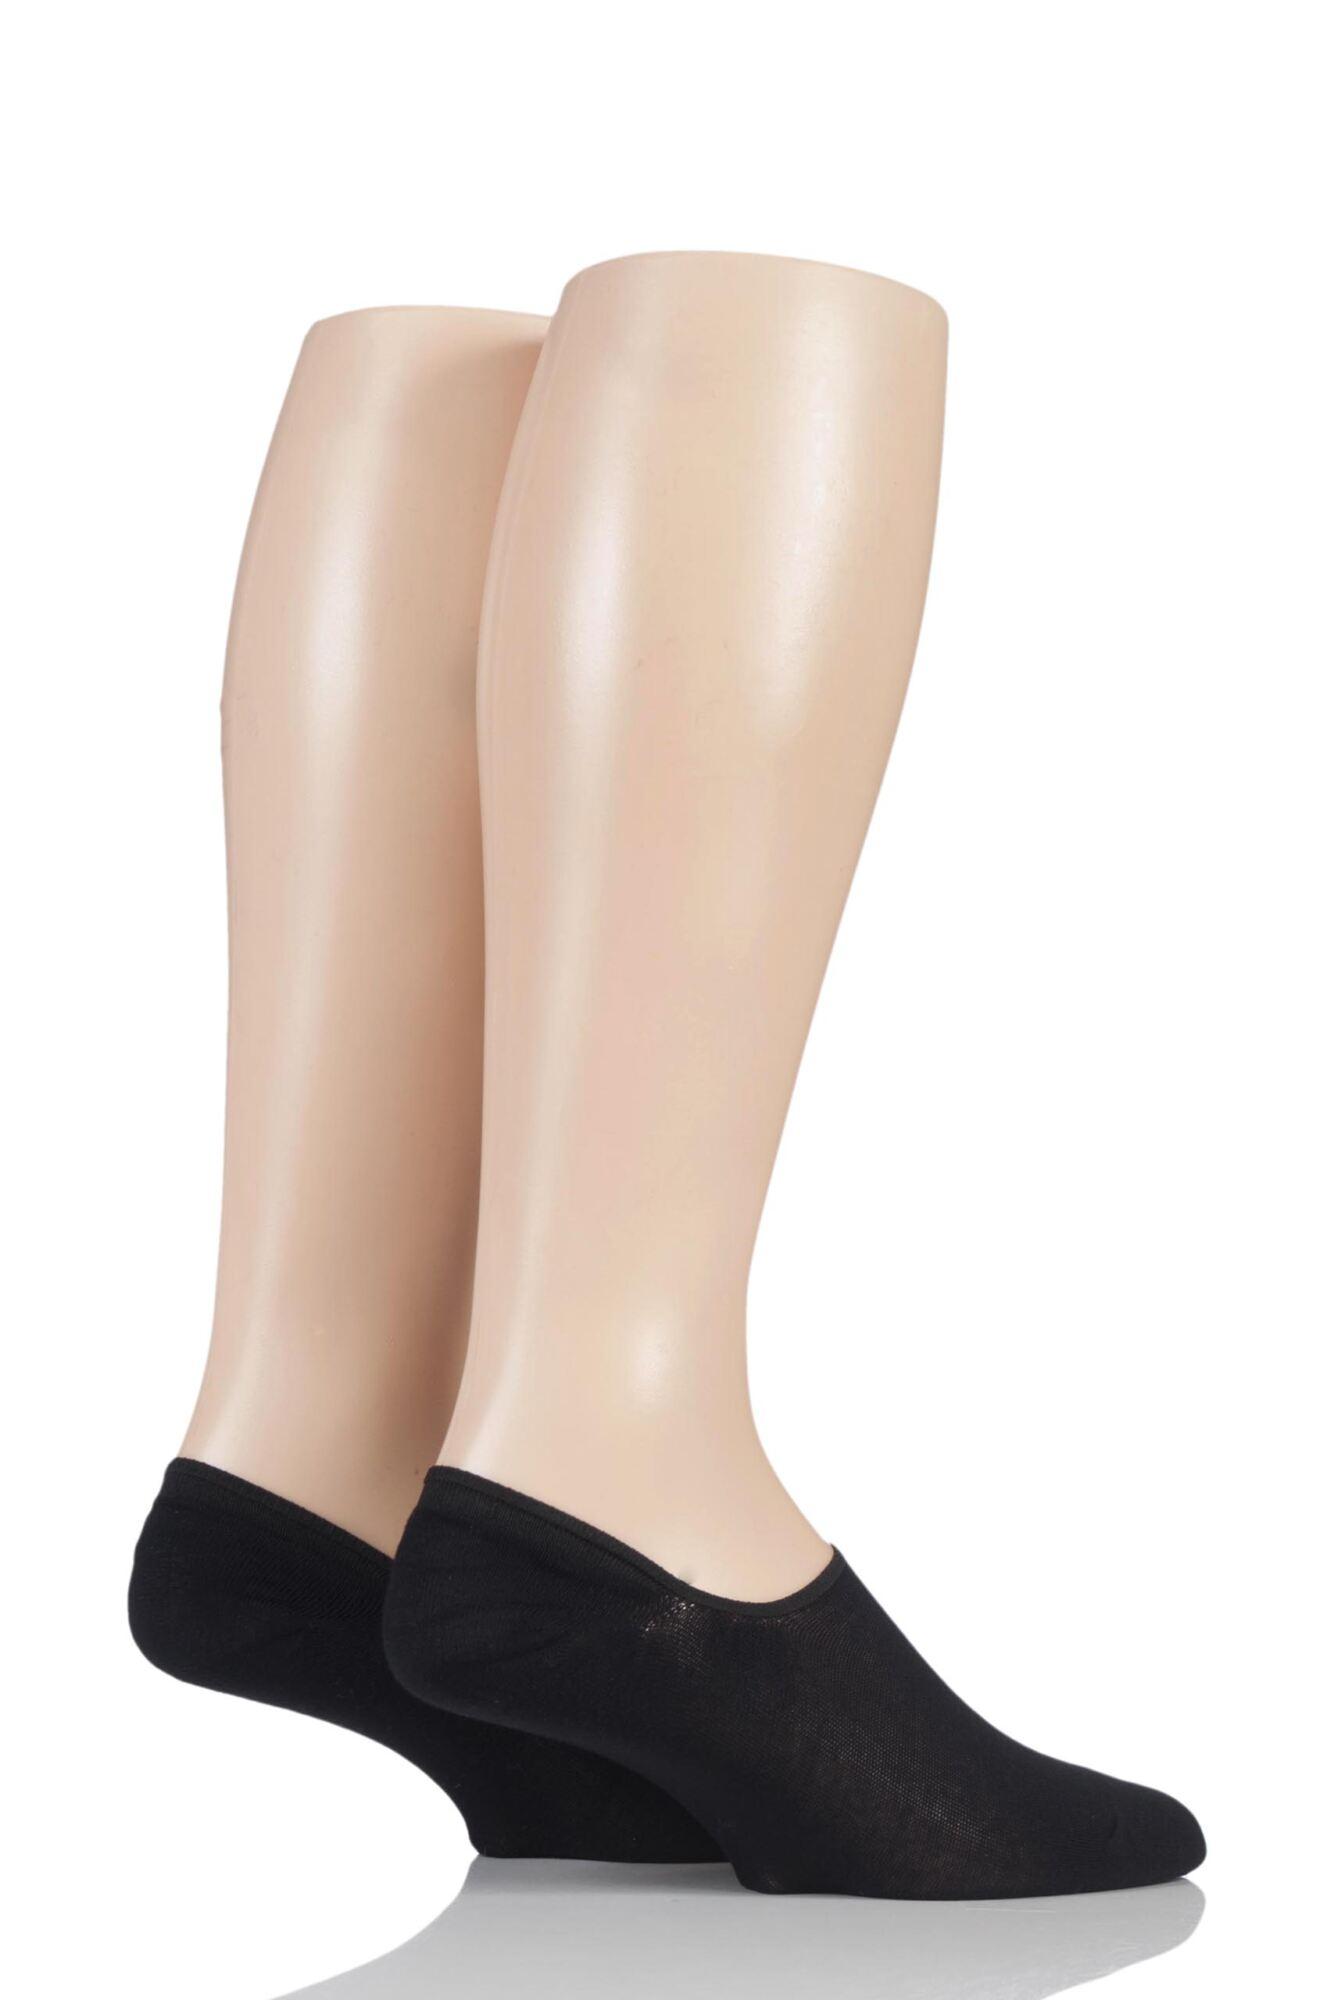 2 Pair Plain Bamboo Shoe Liner Socks Men's - SOCKSHOP